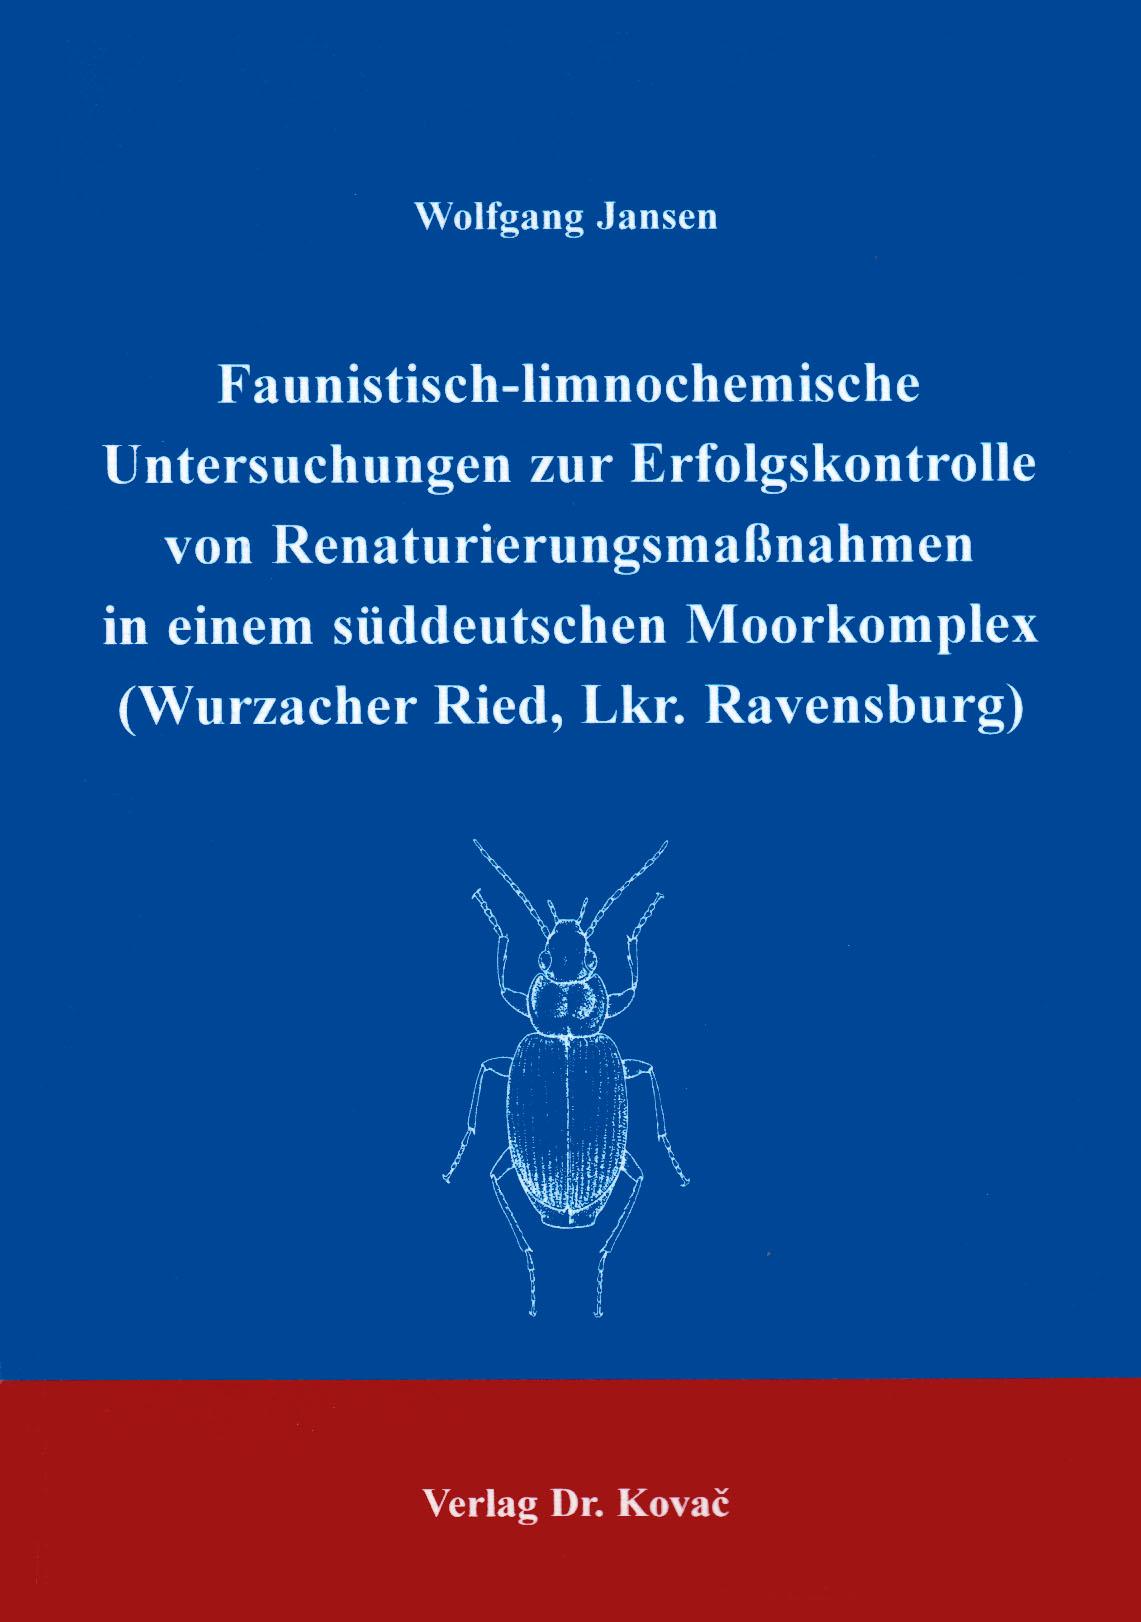 Cover: Faunistisch-limnochemische Untersuchungen zur Erfolgskontrolle von Renaturierungsmaßnahmen in einem süddeutschen Moorkomplex (Wurzacher Ried, Lkr. Ravensburg)